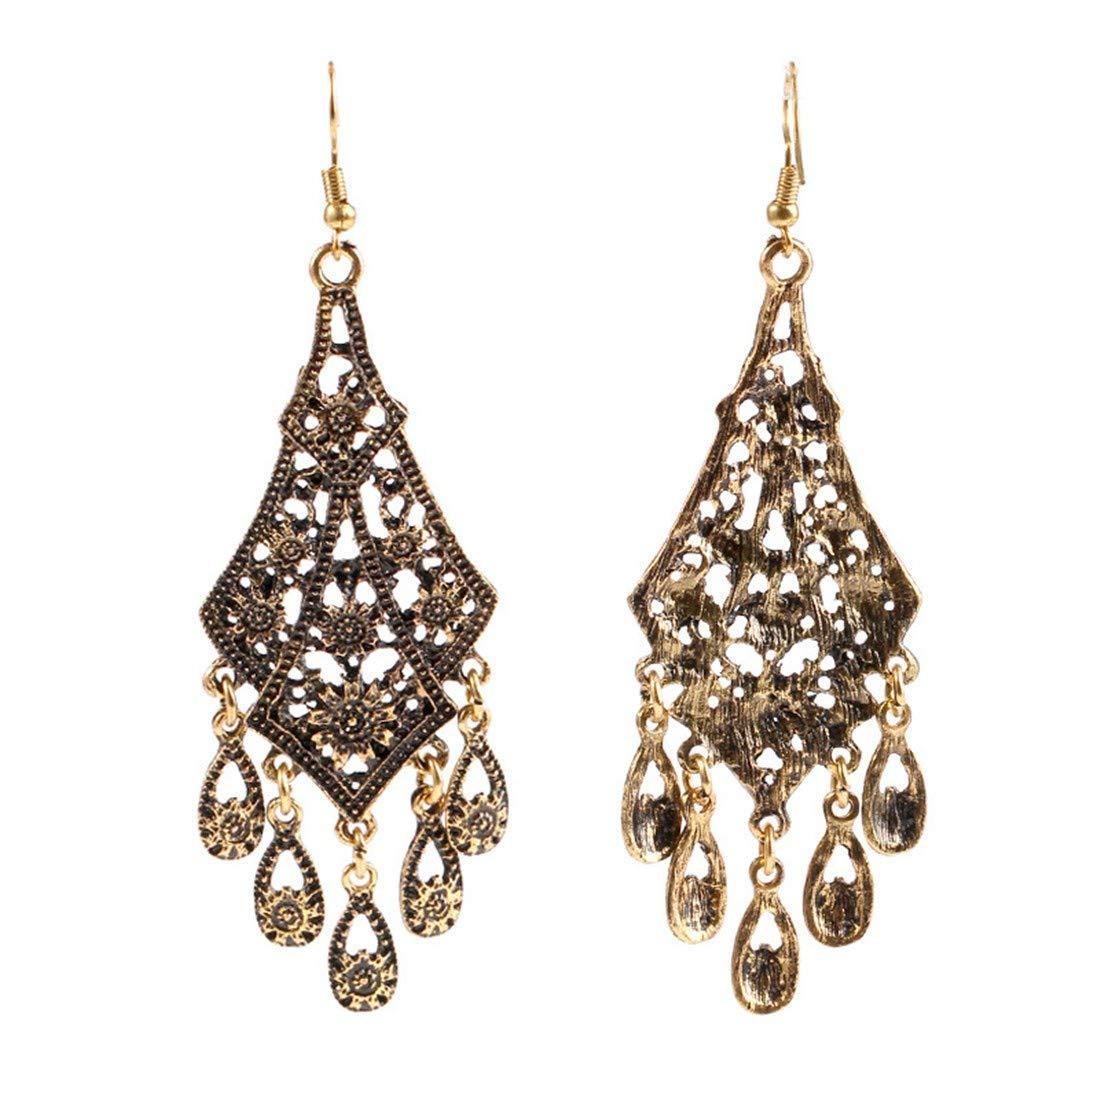 antique folk style earrings long diamond diamond earrings. ball earrings|clip on earrings|ear cuffs|dangle earrings|earring jackets|hoop earrings|stud earrings|Fashion accessories